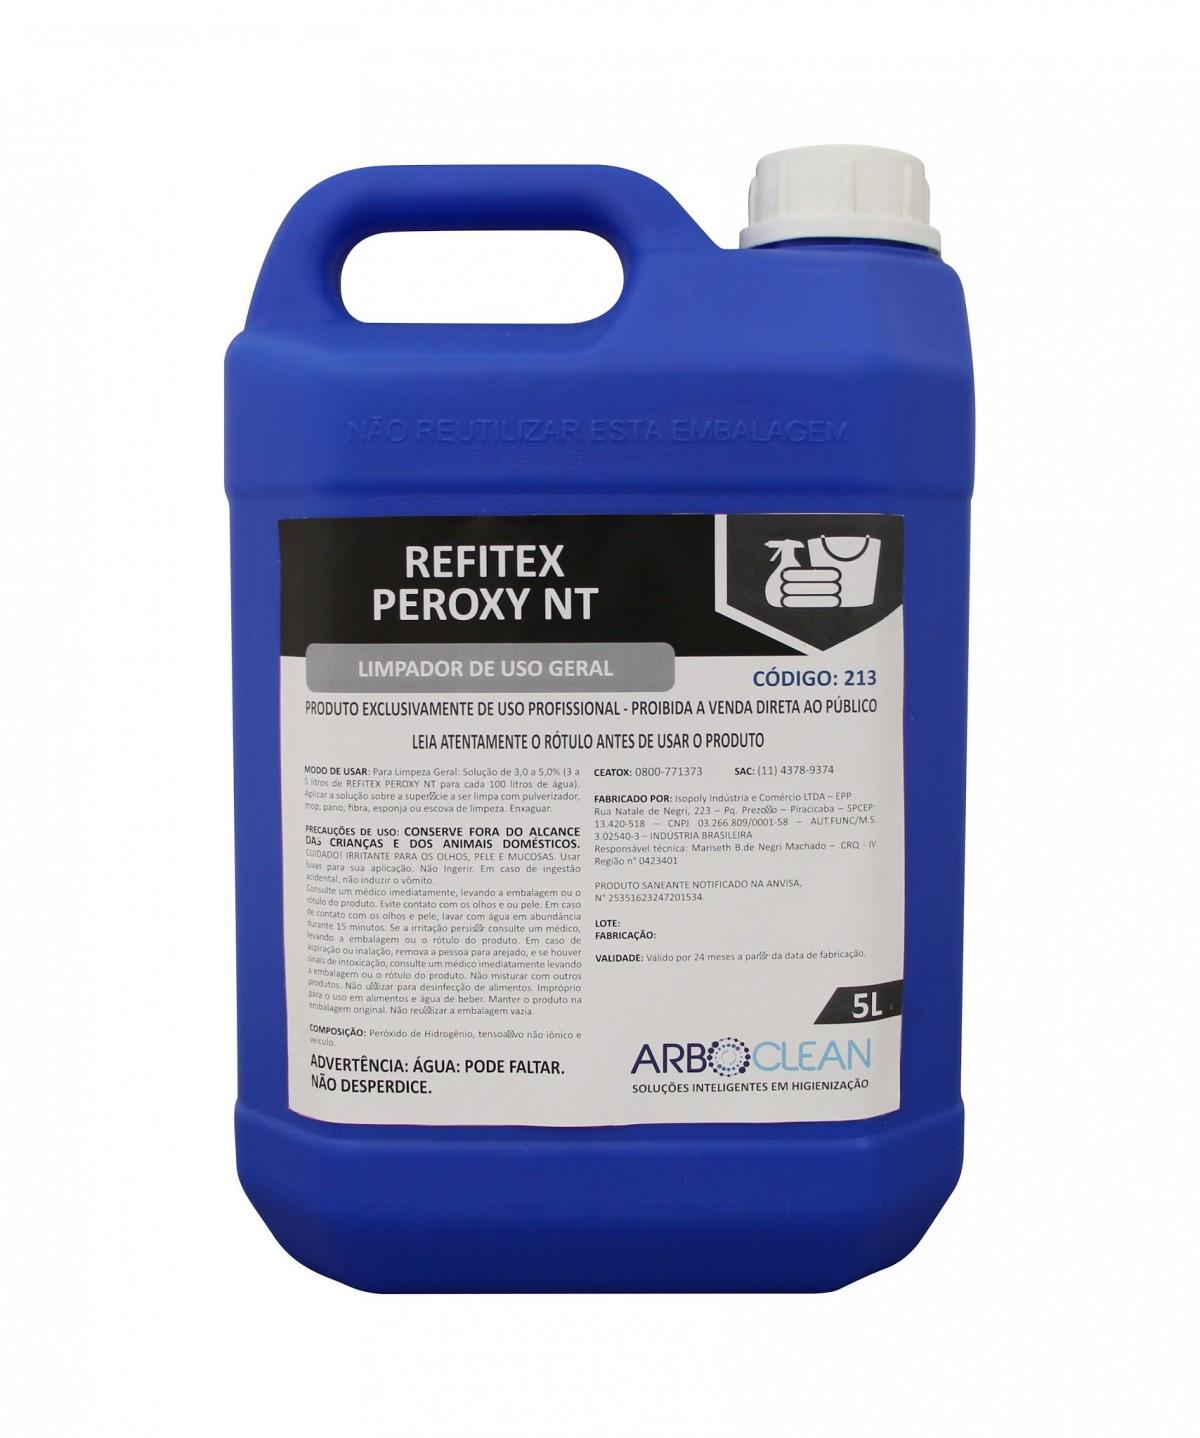 Imagem do produto REFITEX PEROXY NT